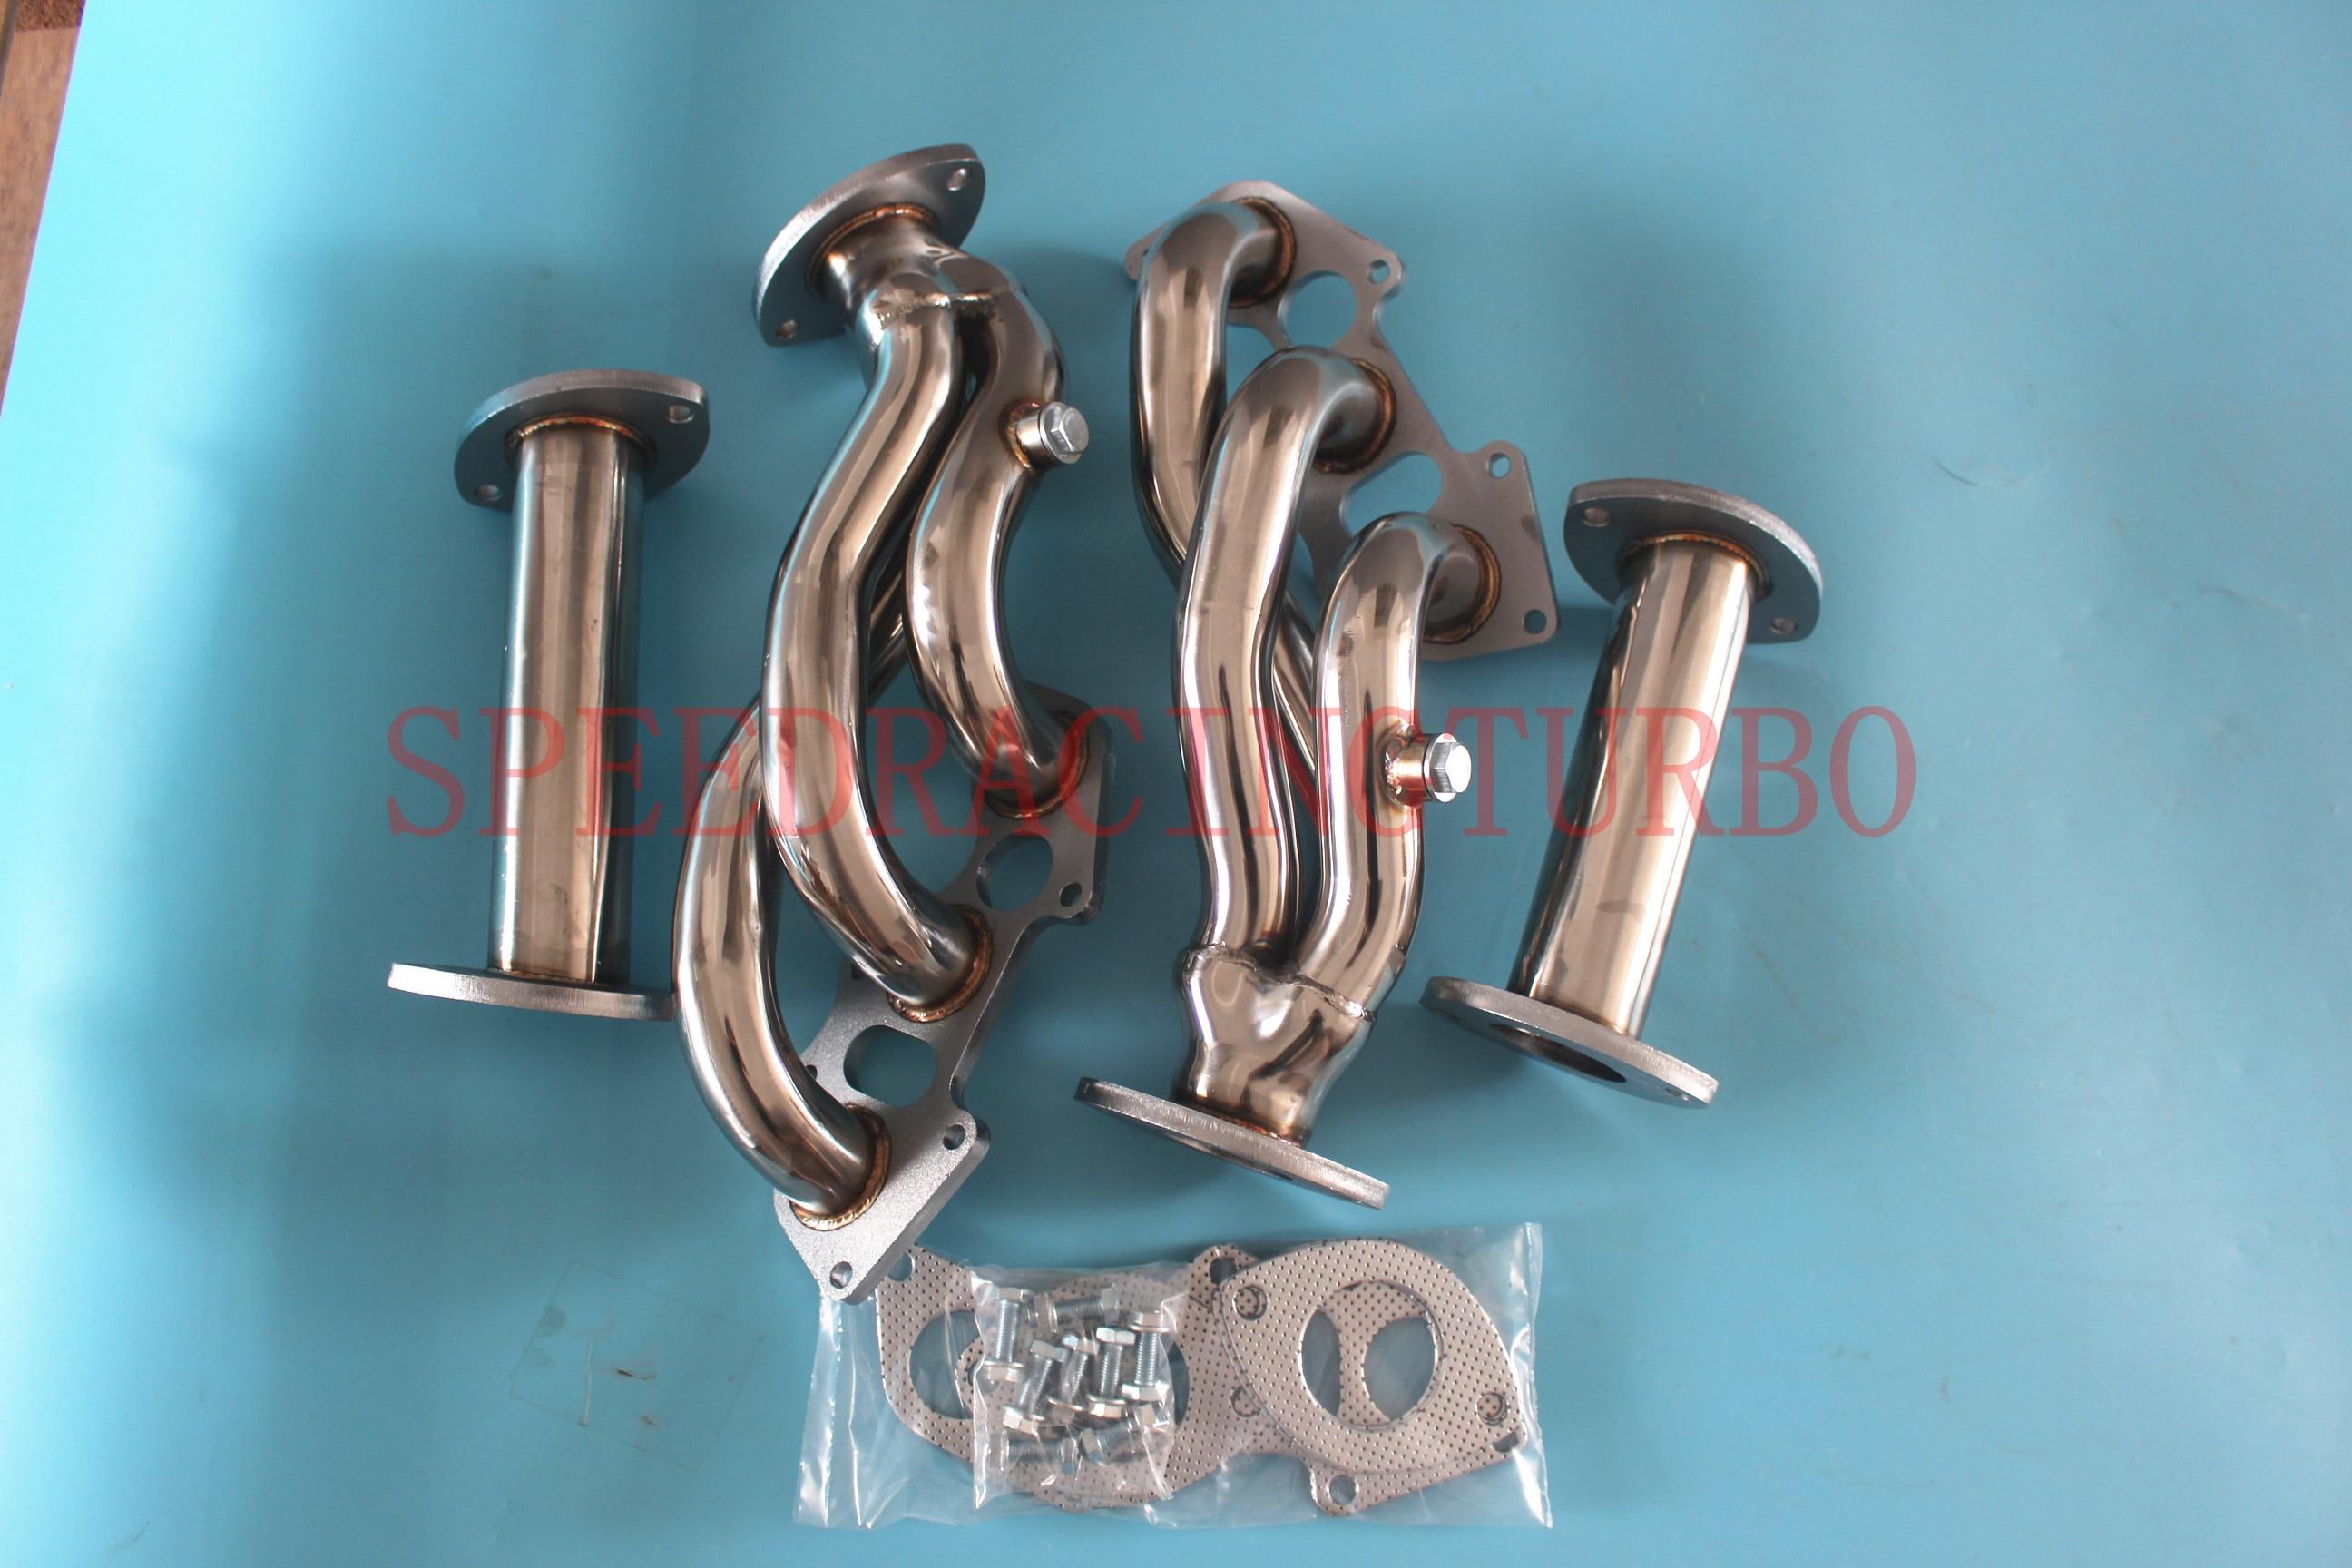 Egzoz başlık manifoldu LEXUS IS250 RWD/IS350 XE20 V6 06-13STAINLESS çelik tek çift iki orta boru